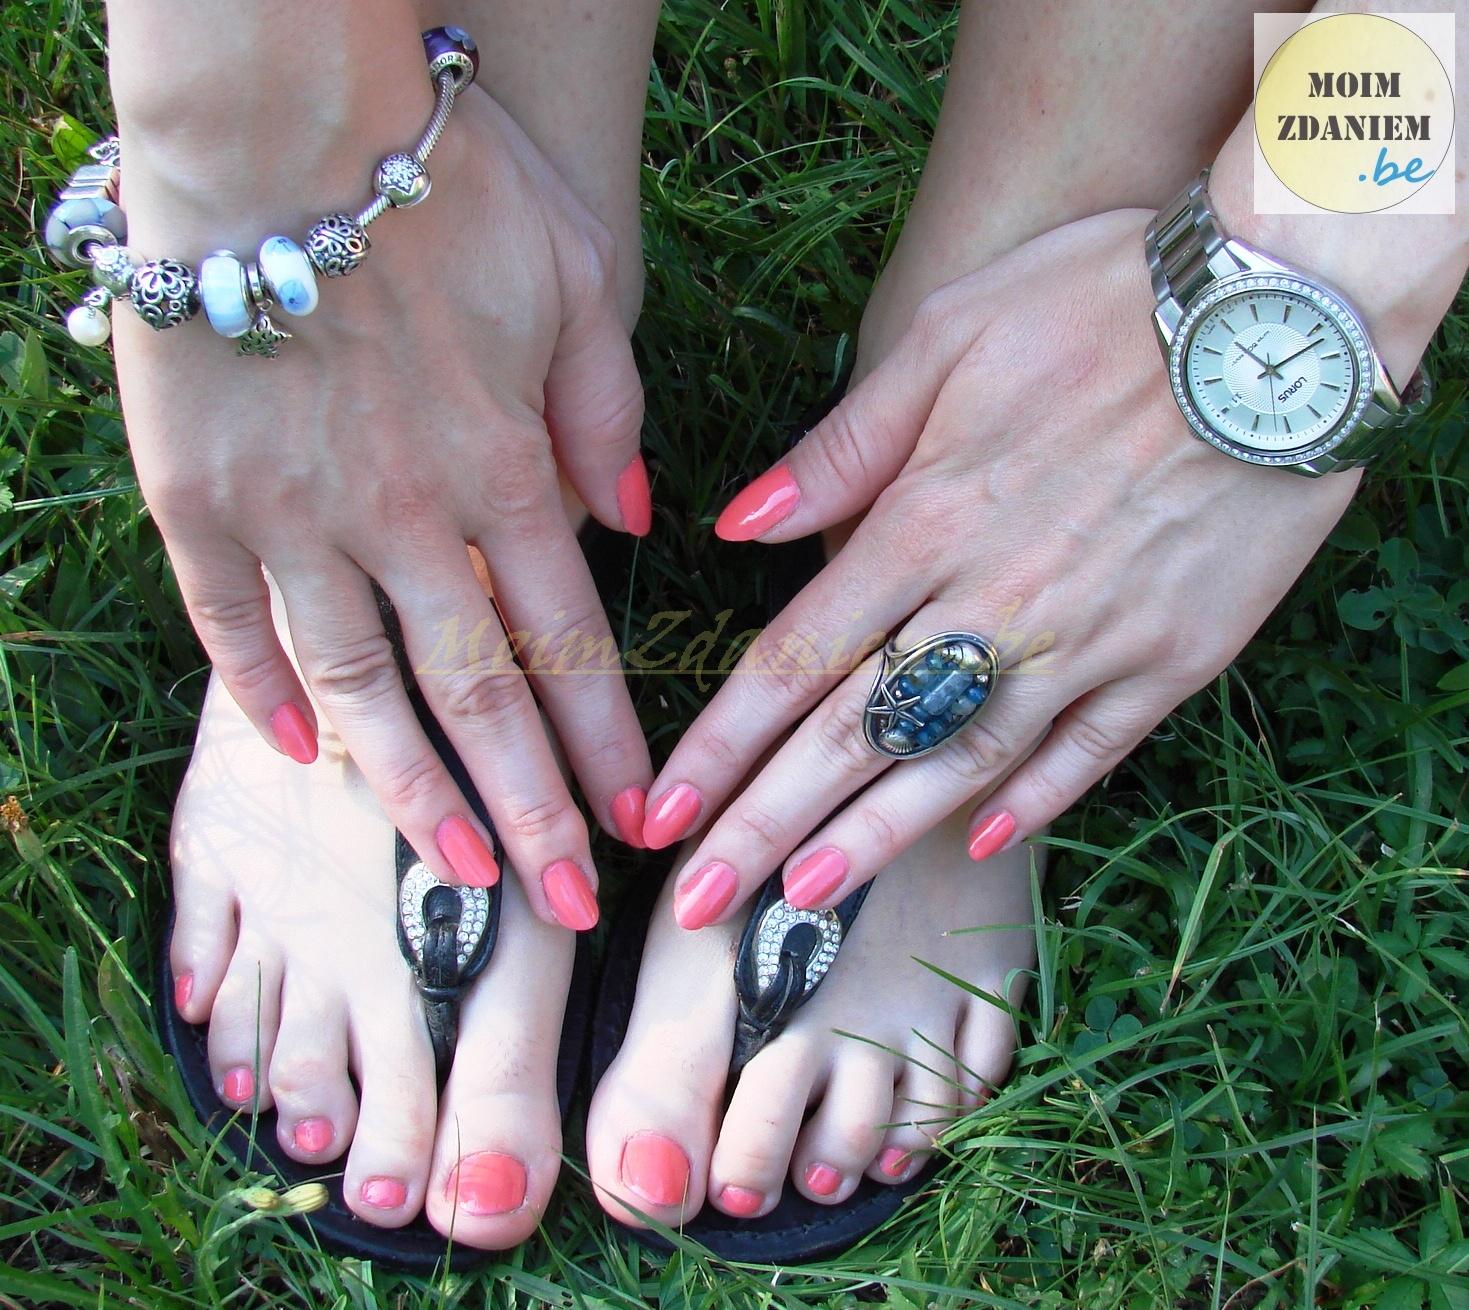 refleksologia madycyna niekonwencjonalna stopy i dłonie